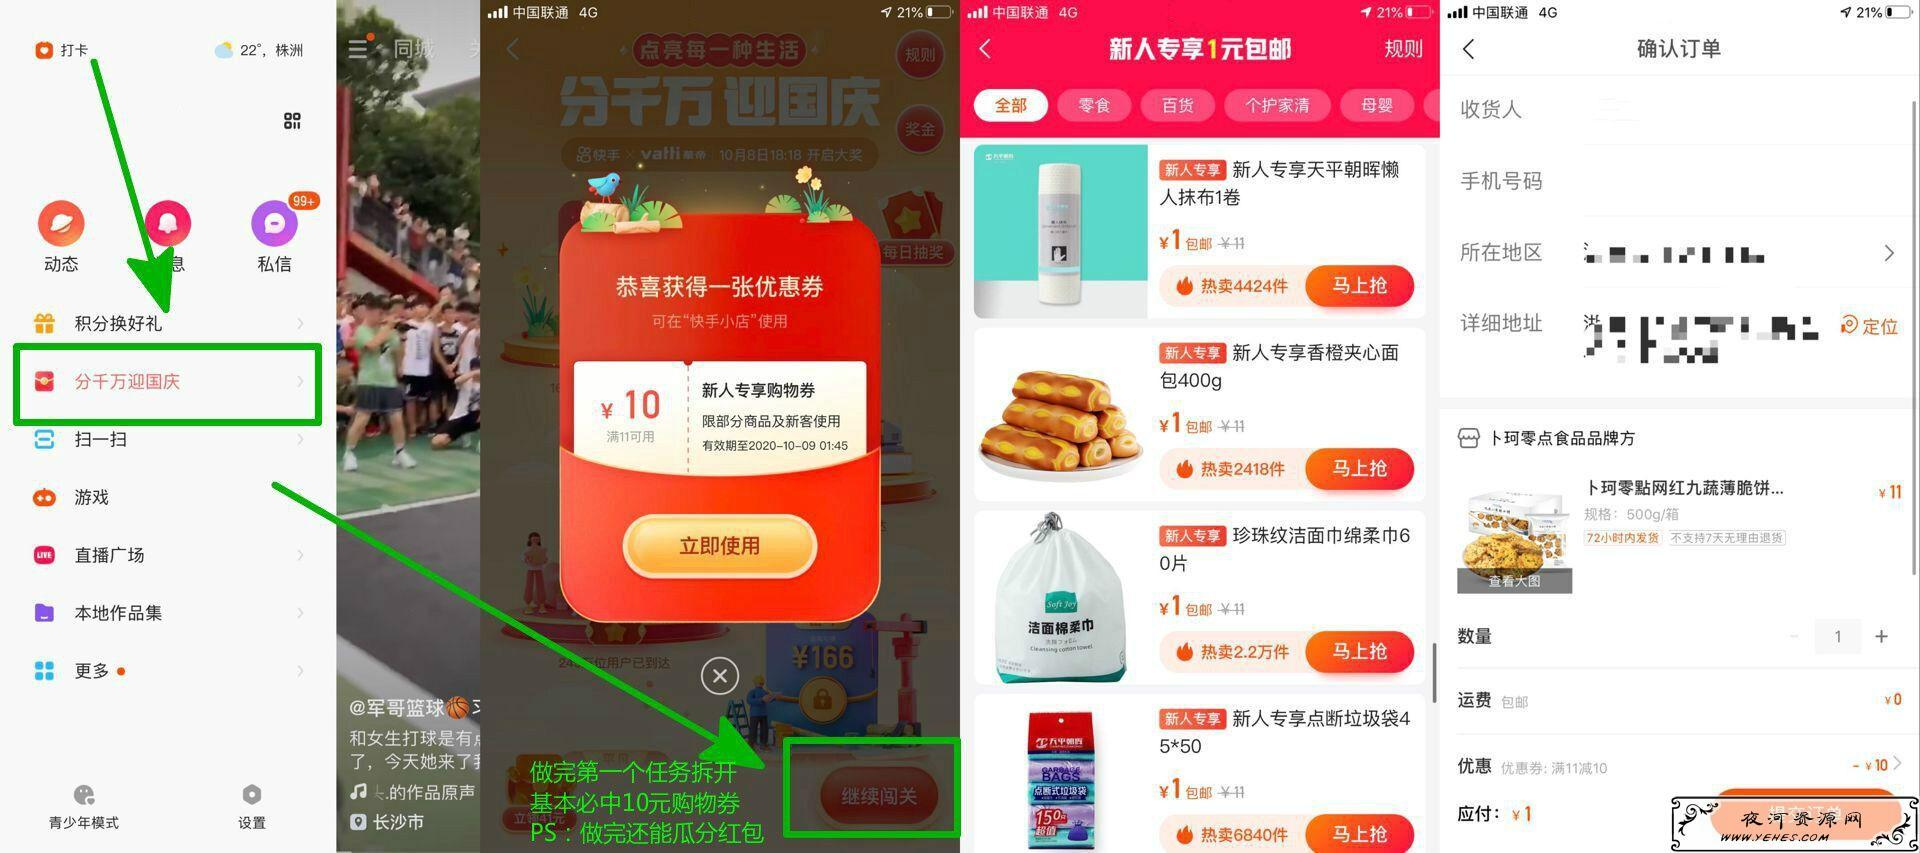 快手国庆节1元撸实物+红包